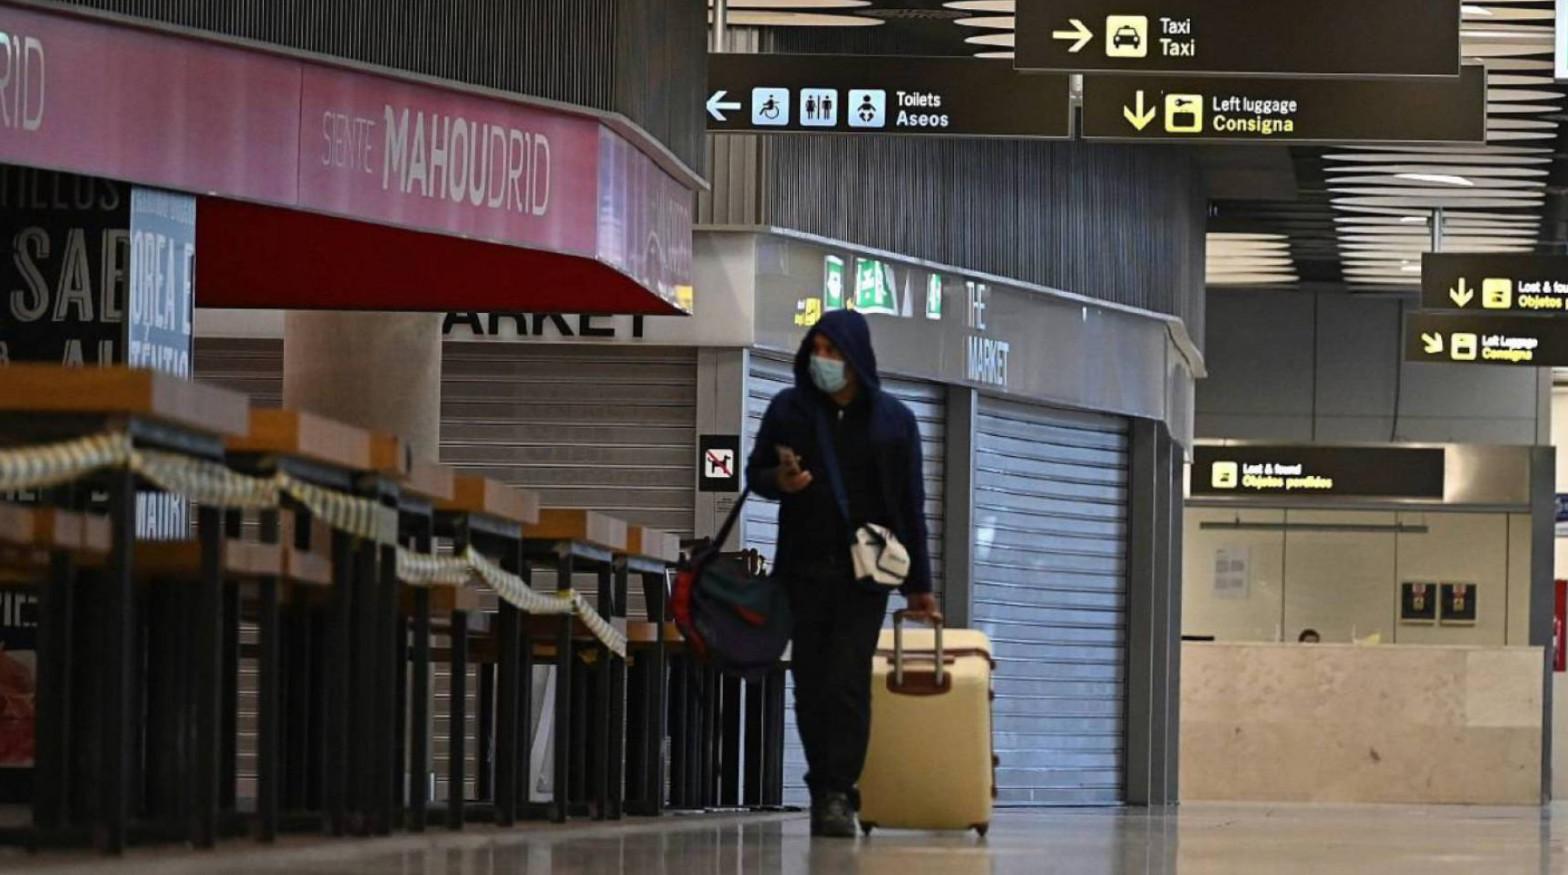 El Supremo tumba el modelo de Aena: considera concesiones y no alquileres las tiendas de aeropuertos